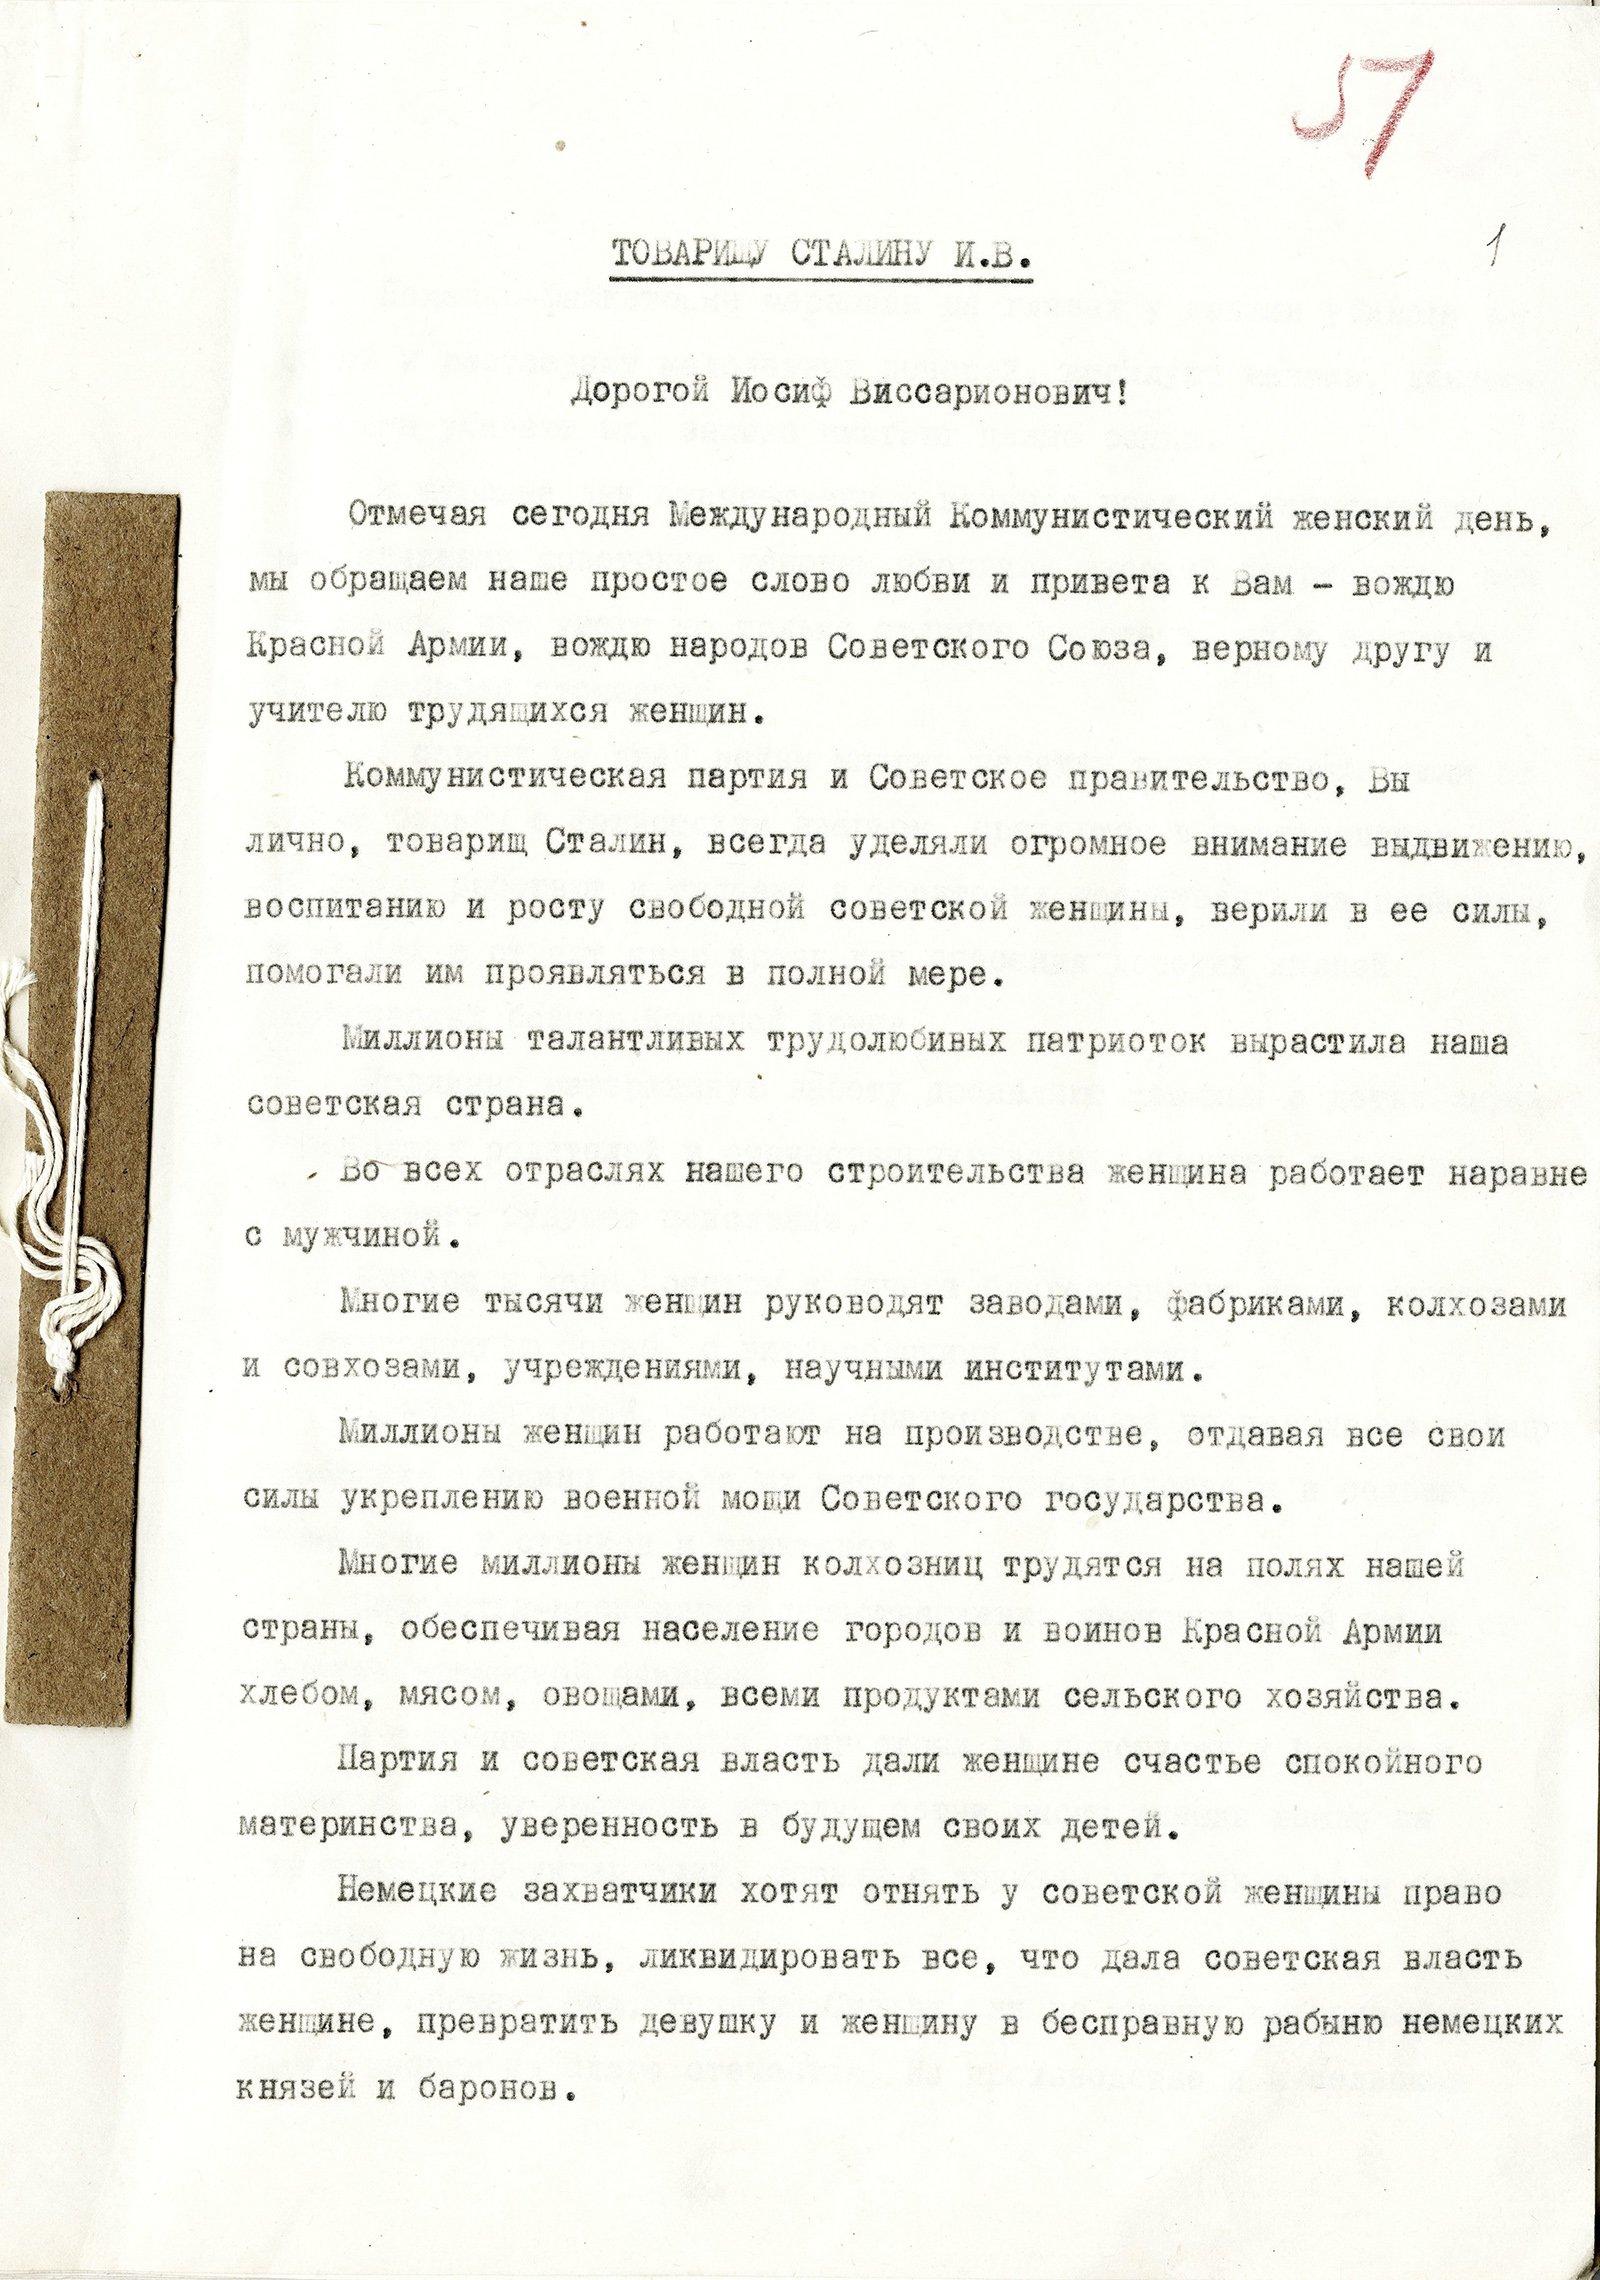 Приветствие И.В. Сталину, направленное участницами праздничного собрания женщин Москвы и Московской области. 8 марта 1942 года. Главархив Москвы